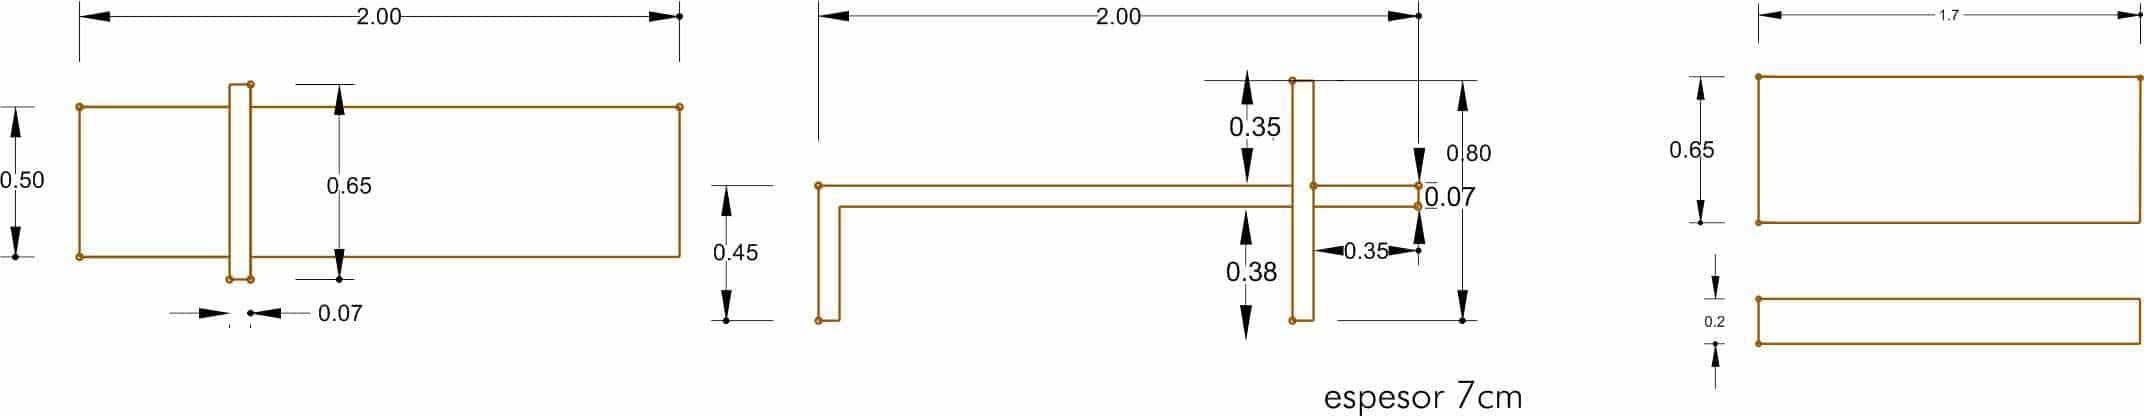 Banco Modelo 3 - Acotaciones